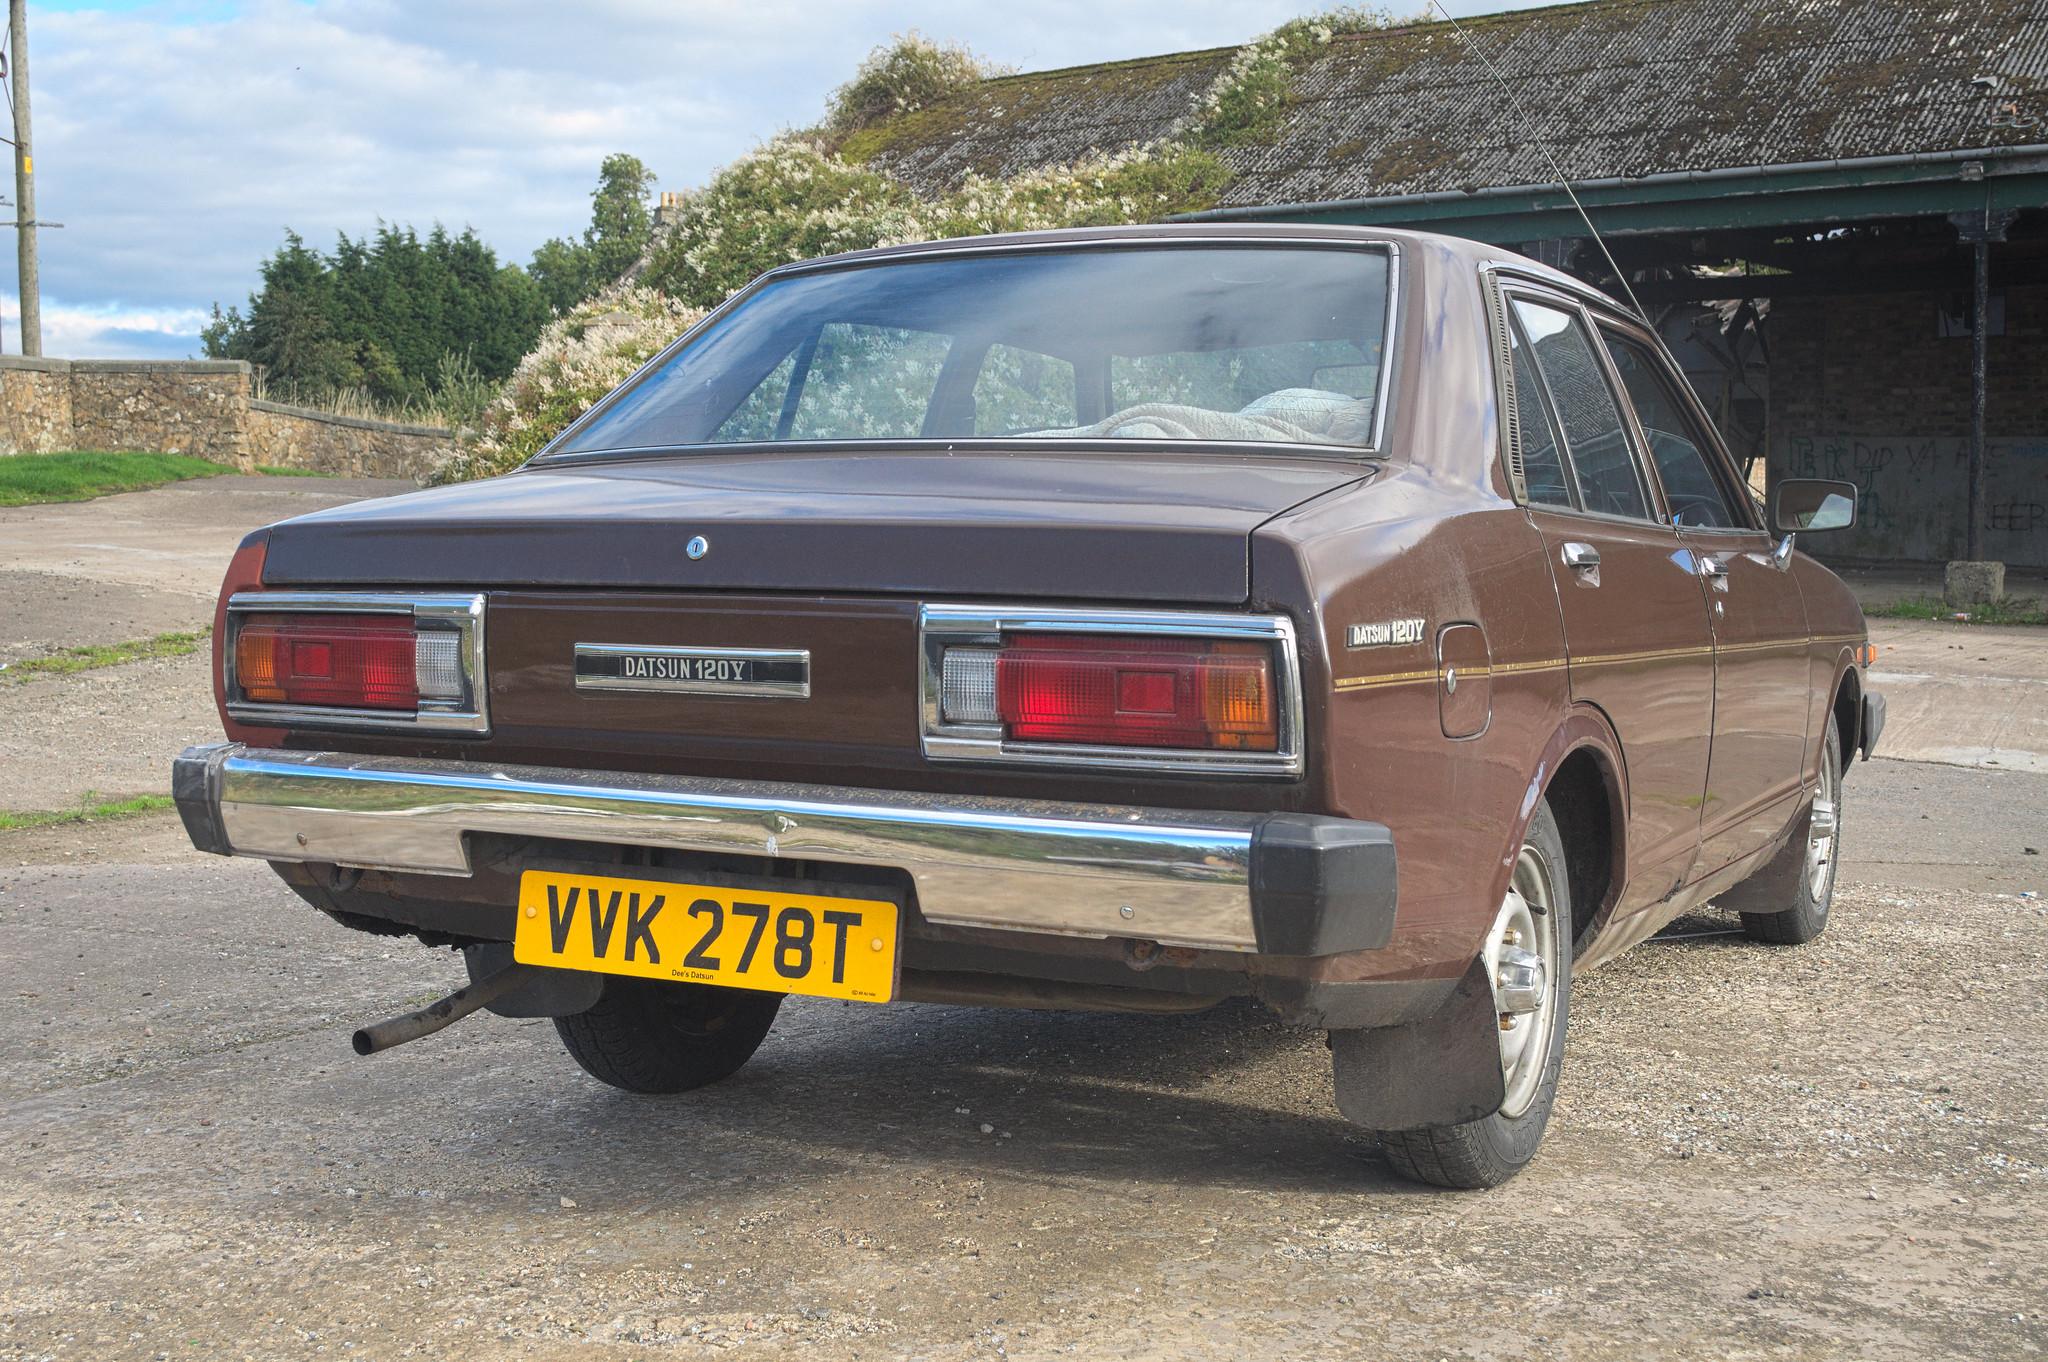 1979 Datsun 120y £999 Fife Scotland   Retro Rides